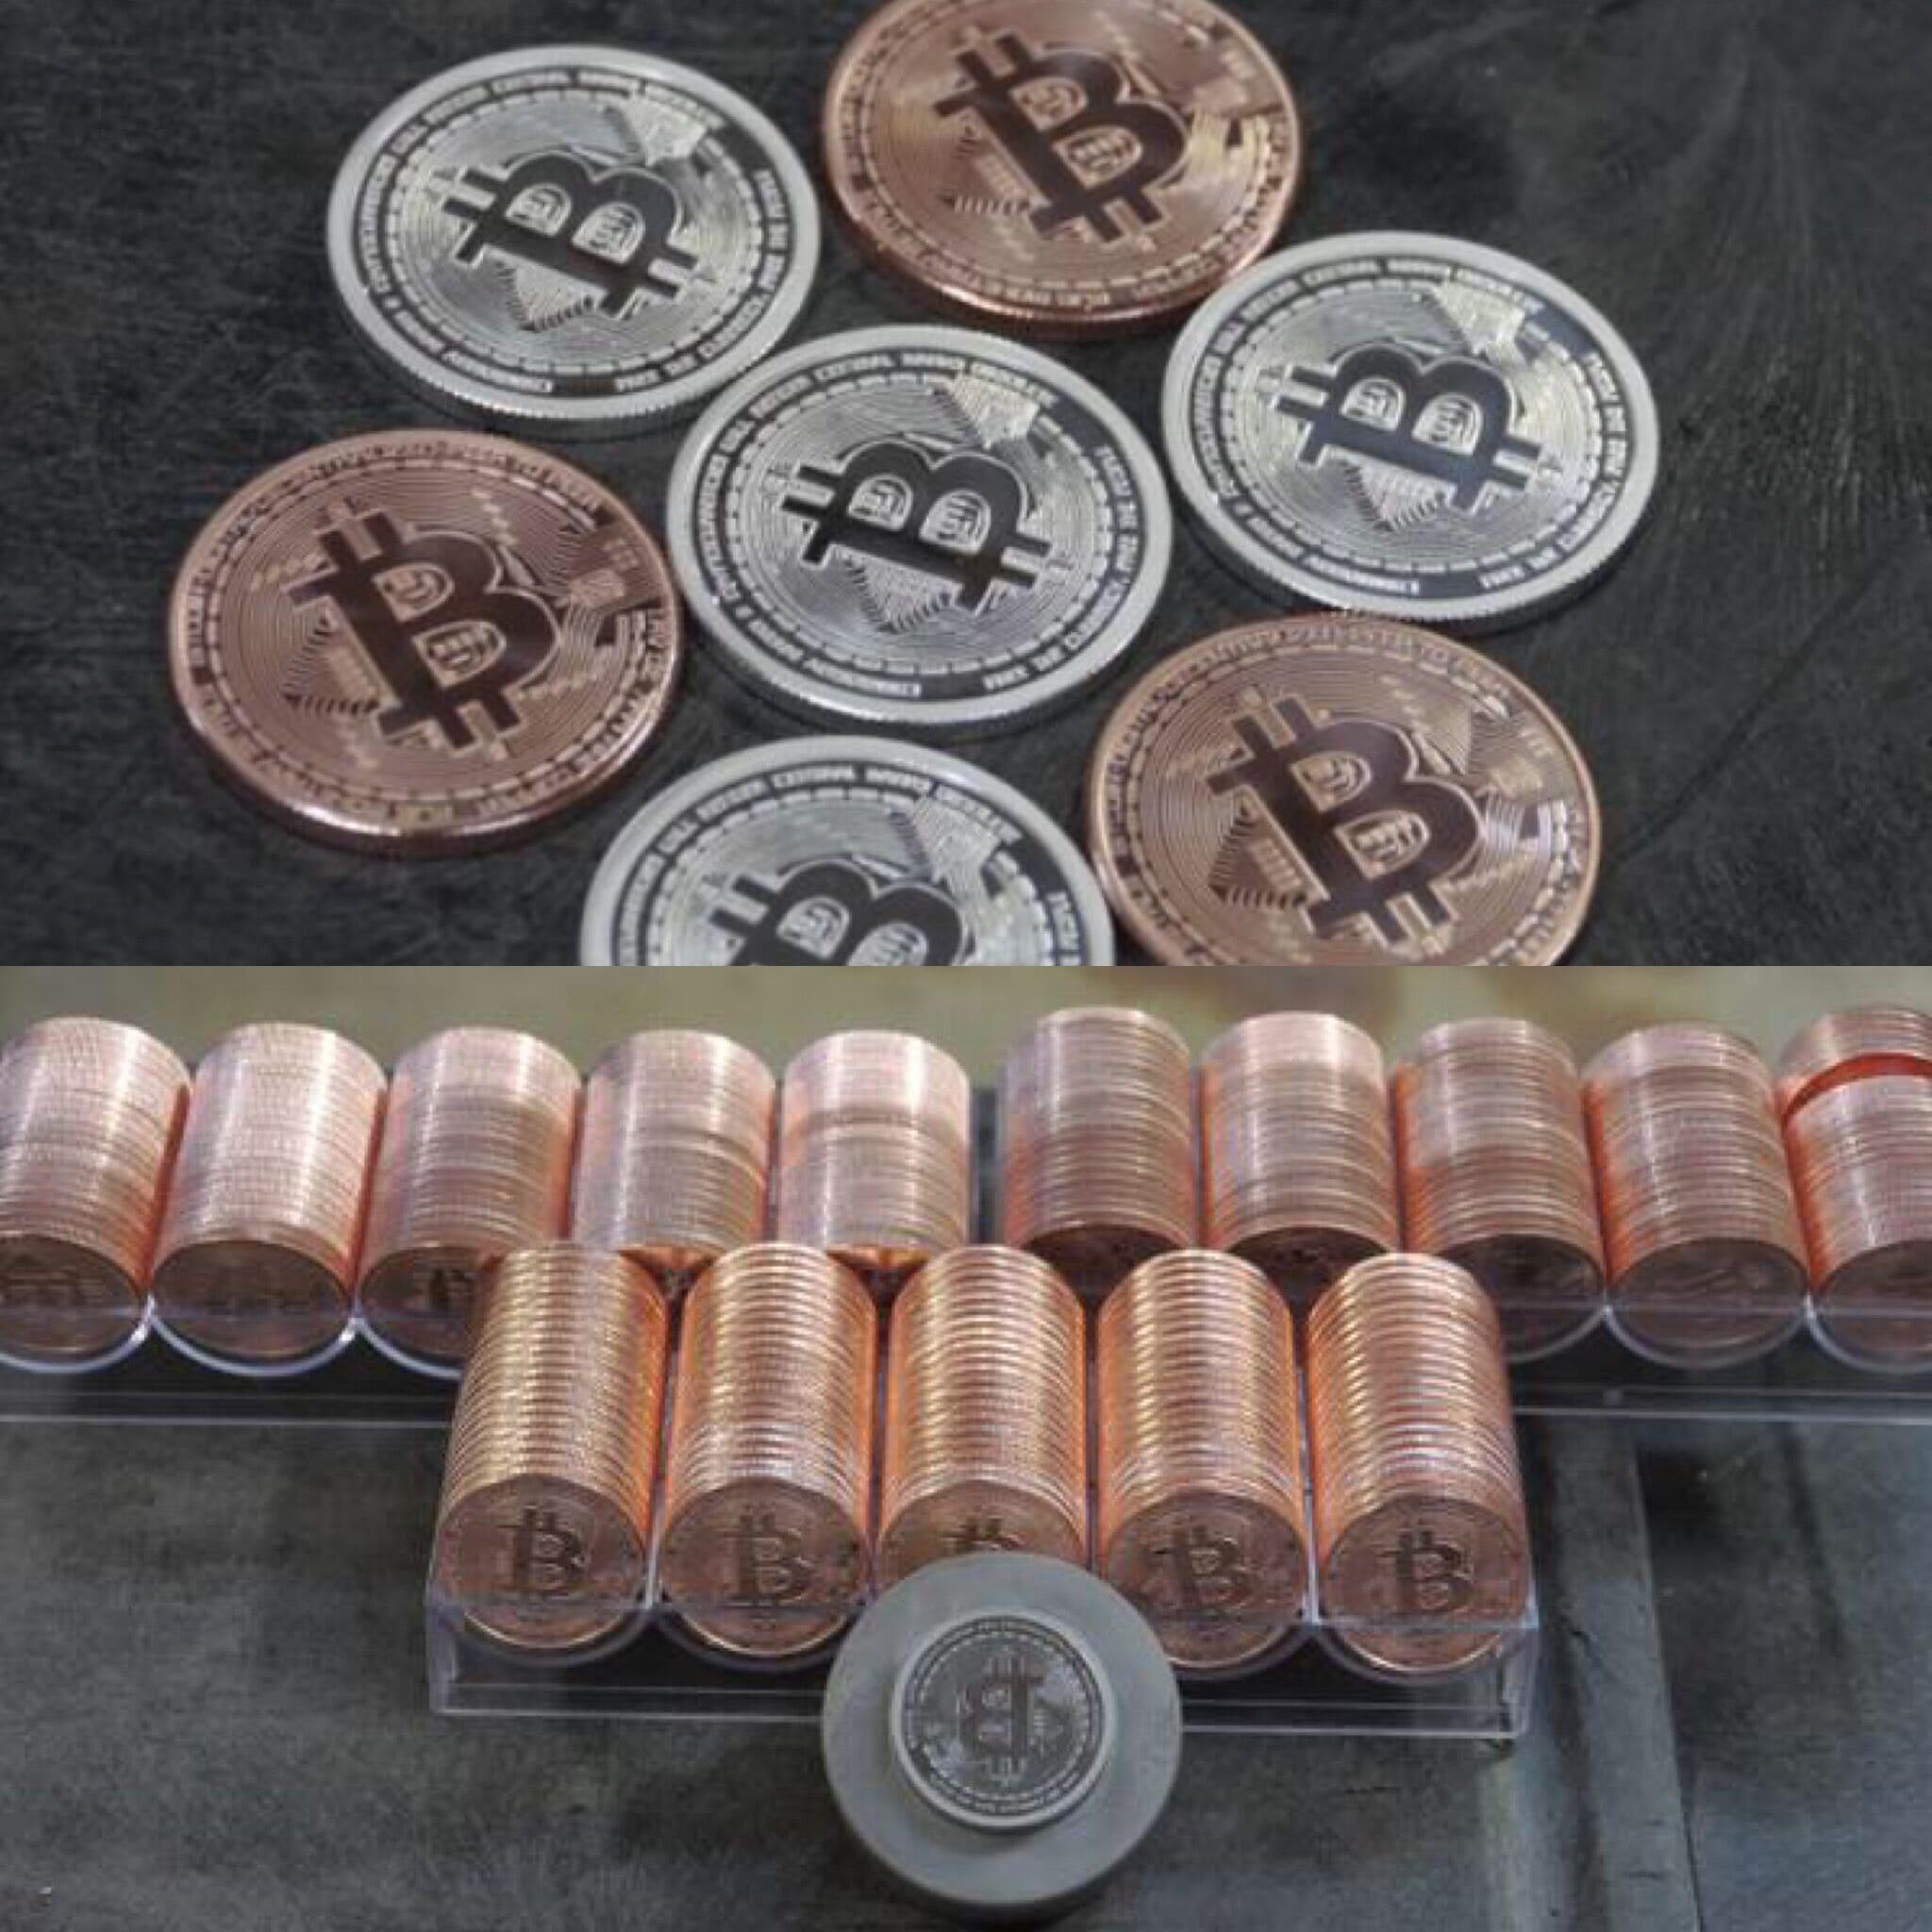 Физическая биткоин монета - узнай, как выглядит биткоин ...